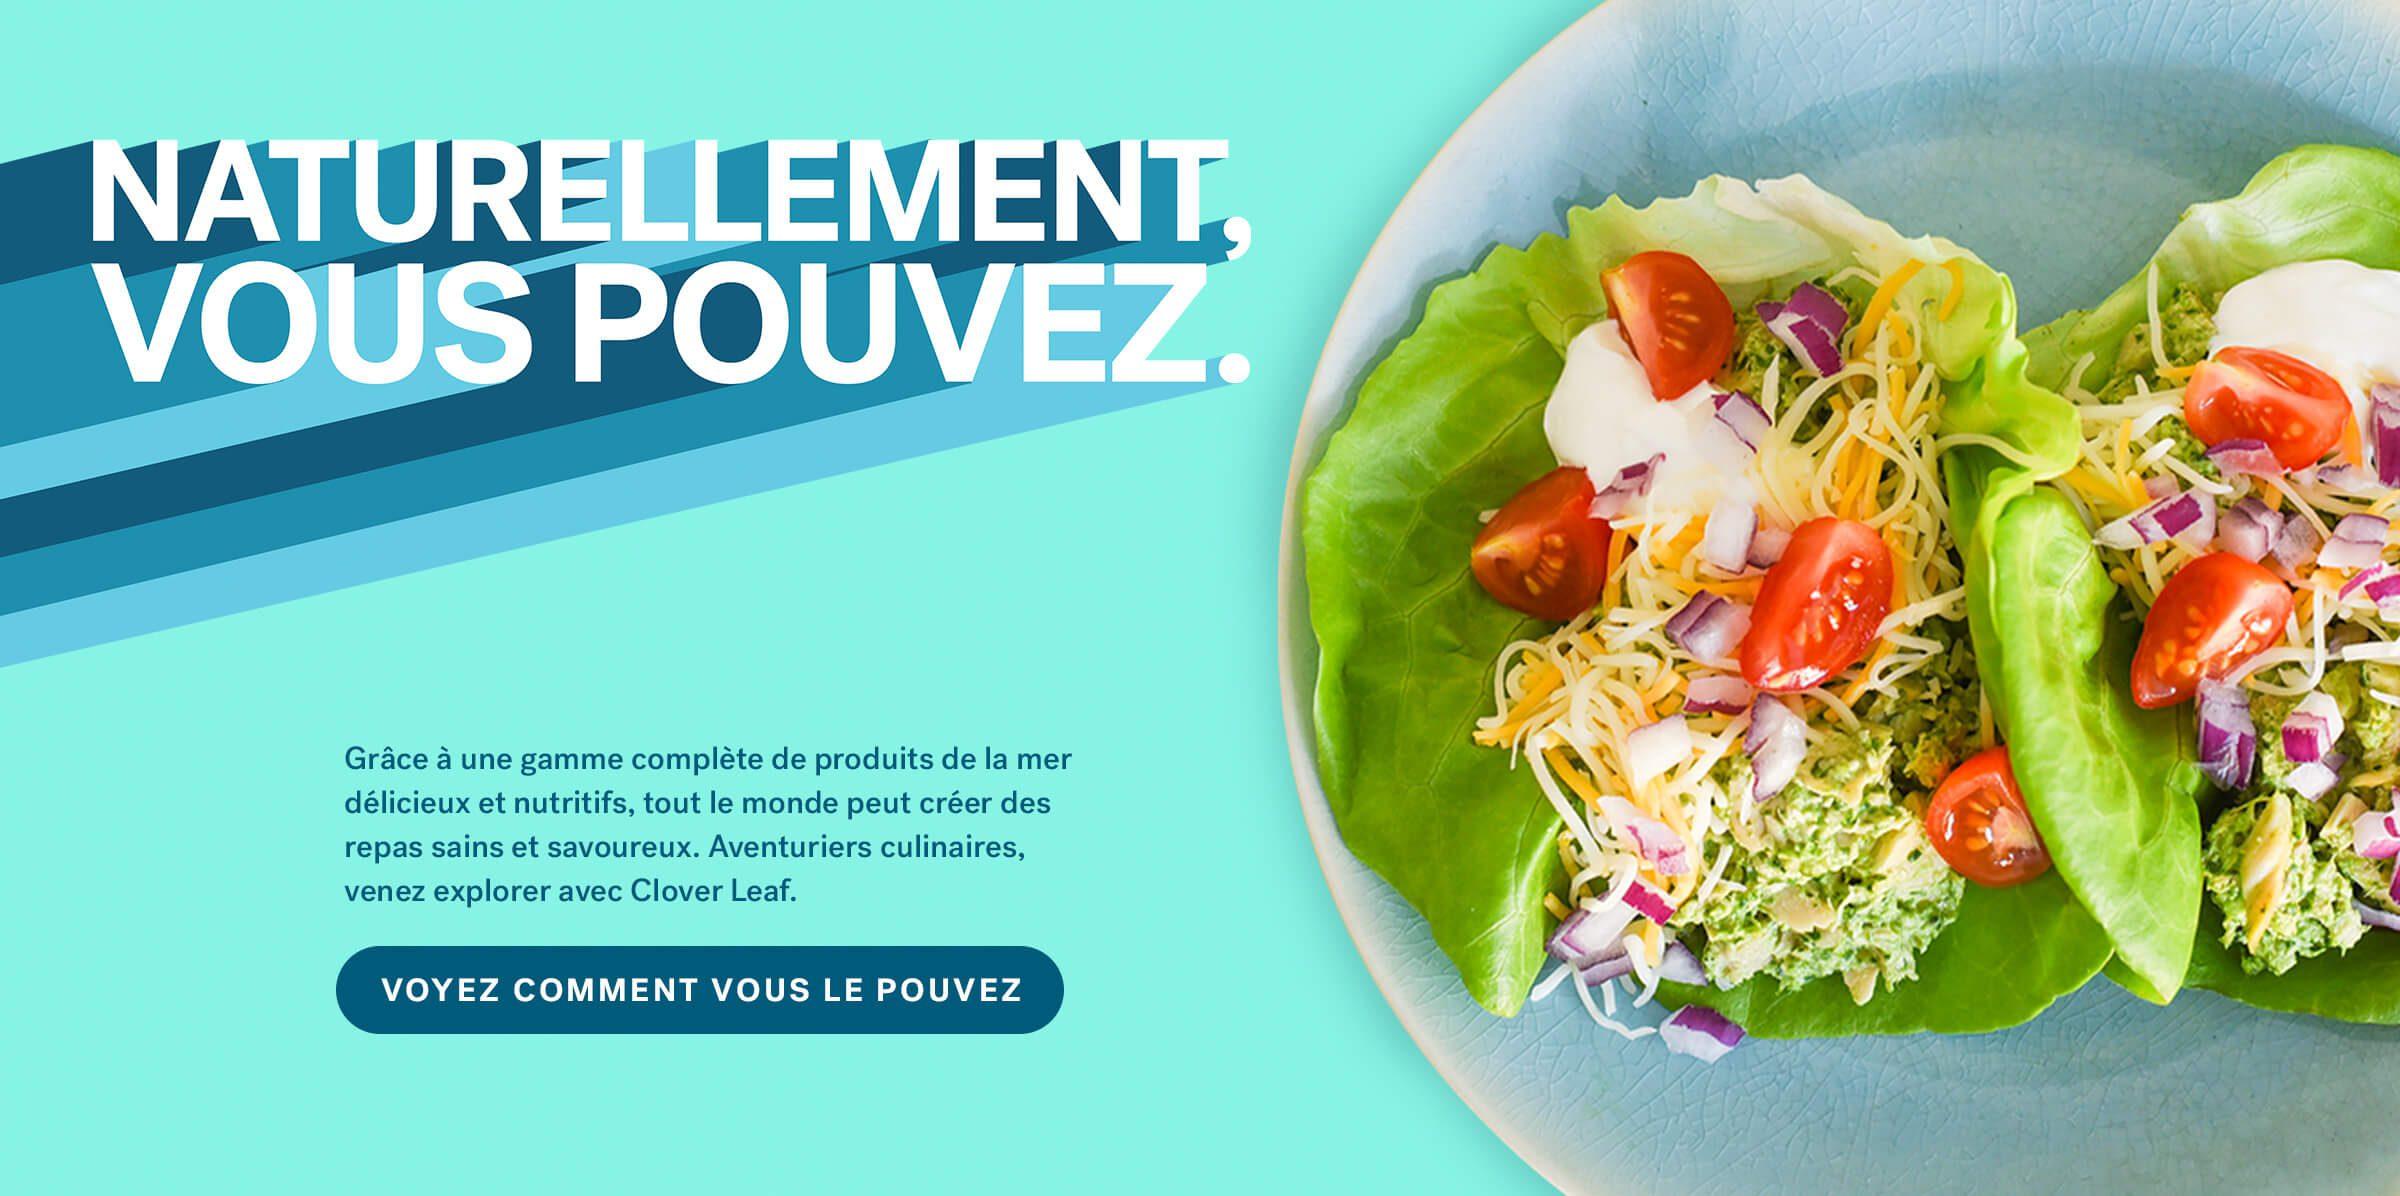 Grâce à une gamme complète de produits de la mer délicieux et nutritifs, tout le monde peut créer des repas sains et savoureux. Aventuriers culinaires, venez explorer avec Clover Leaf. VOYEZ COMMENT VOUS LE POUVEZ.